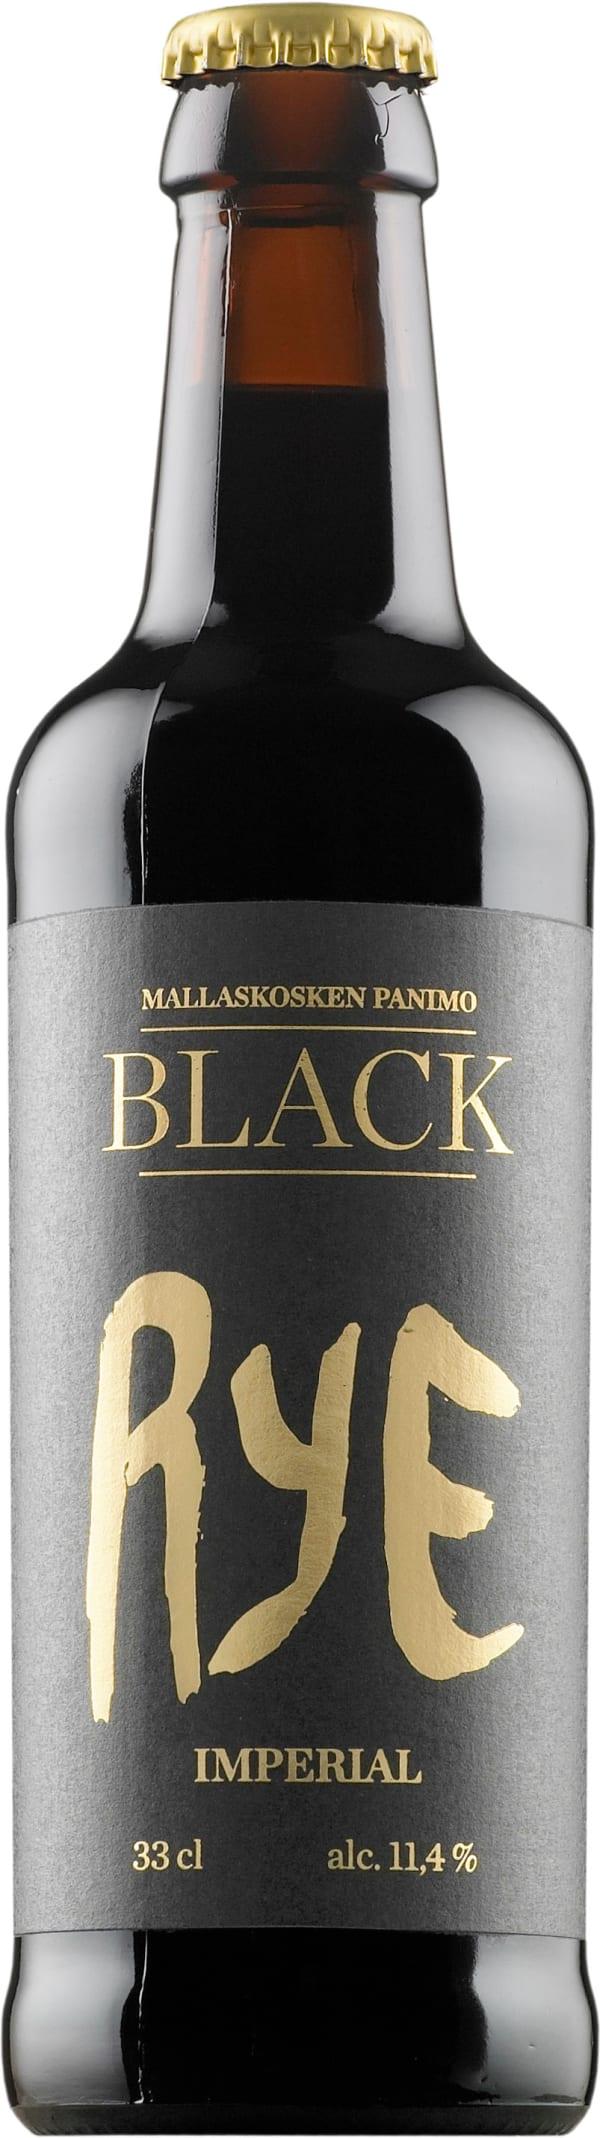 Mallaskosken Black Imperial Rye